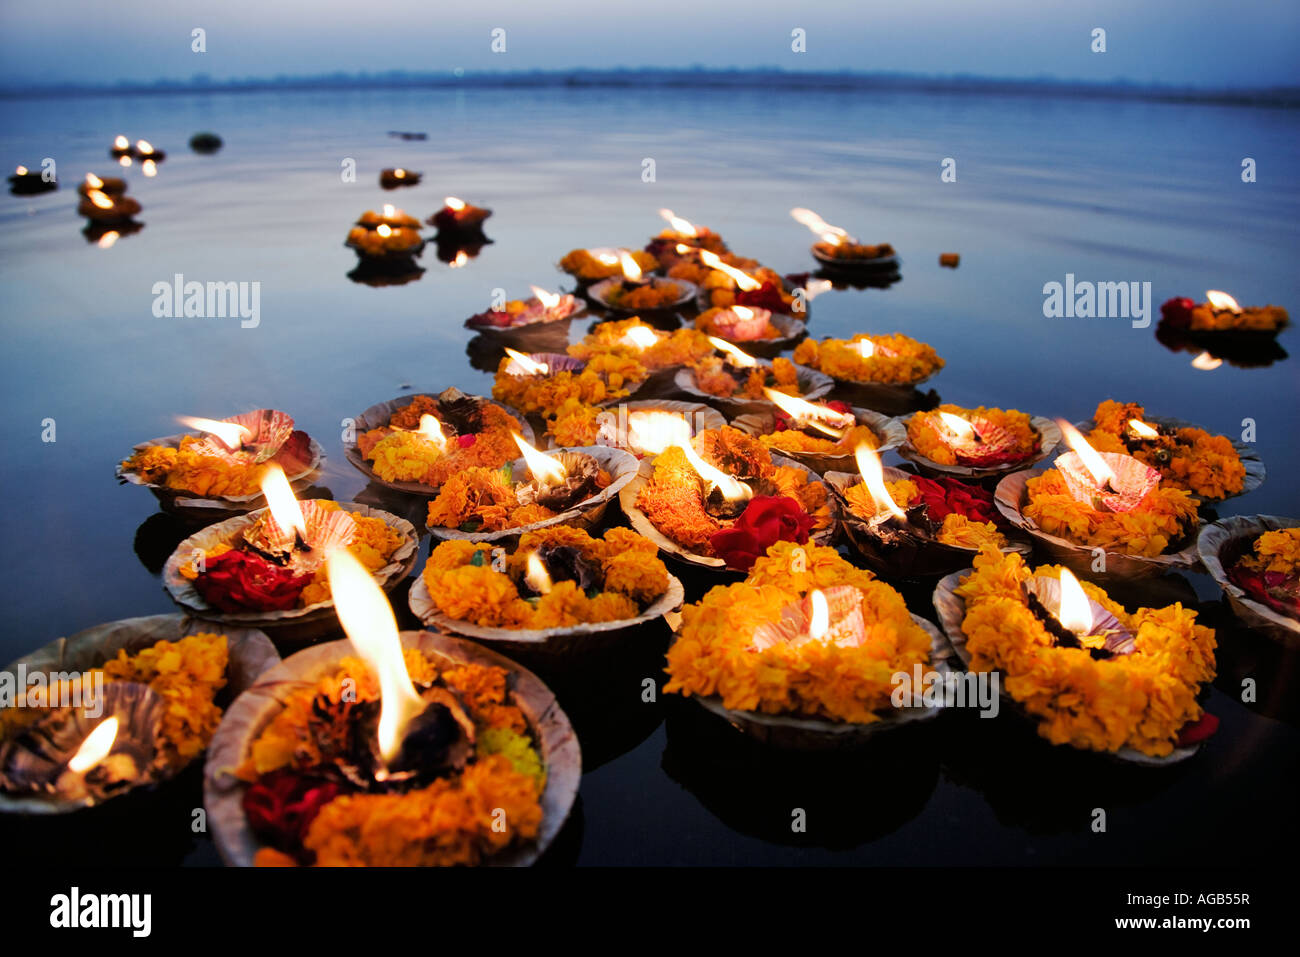 Deepak dans le Gange Le deepak ou lampes à huile sont utilisés comme une offrande pour le Gange Varanasi Photo Stock